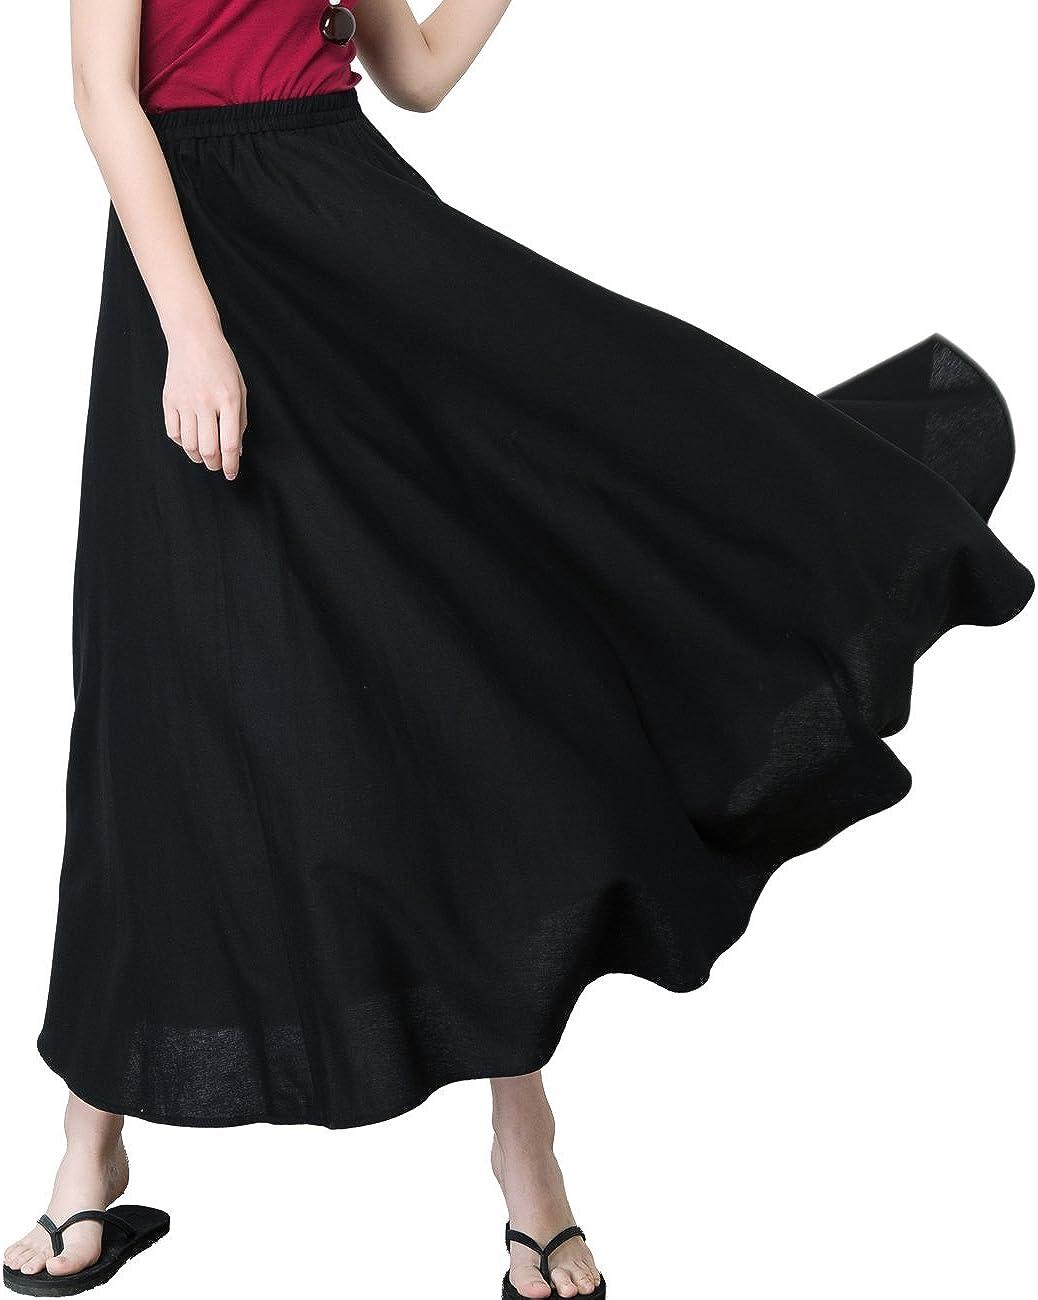 Femirah Women's Summer Casual Cotton Linen Long Skirts 12 Colors